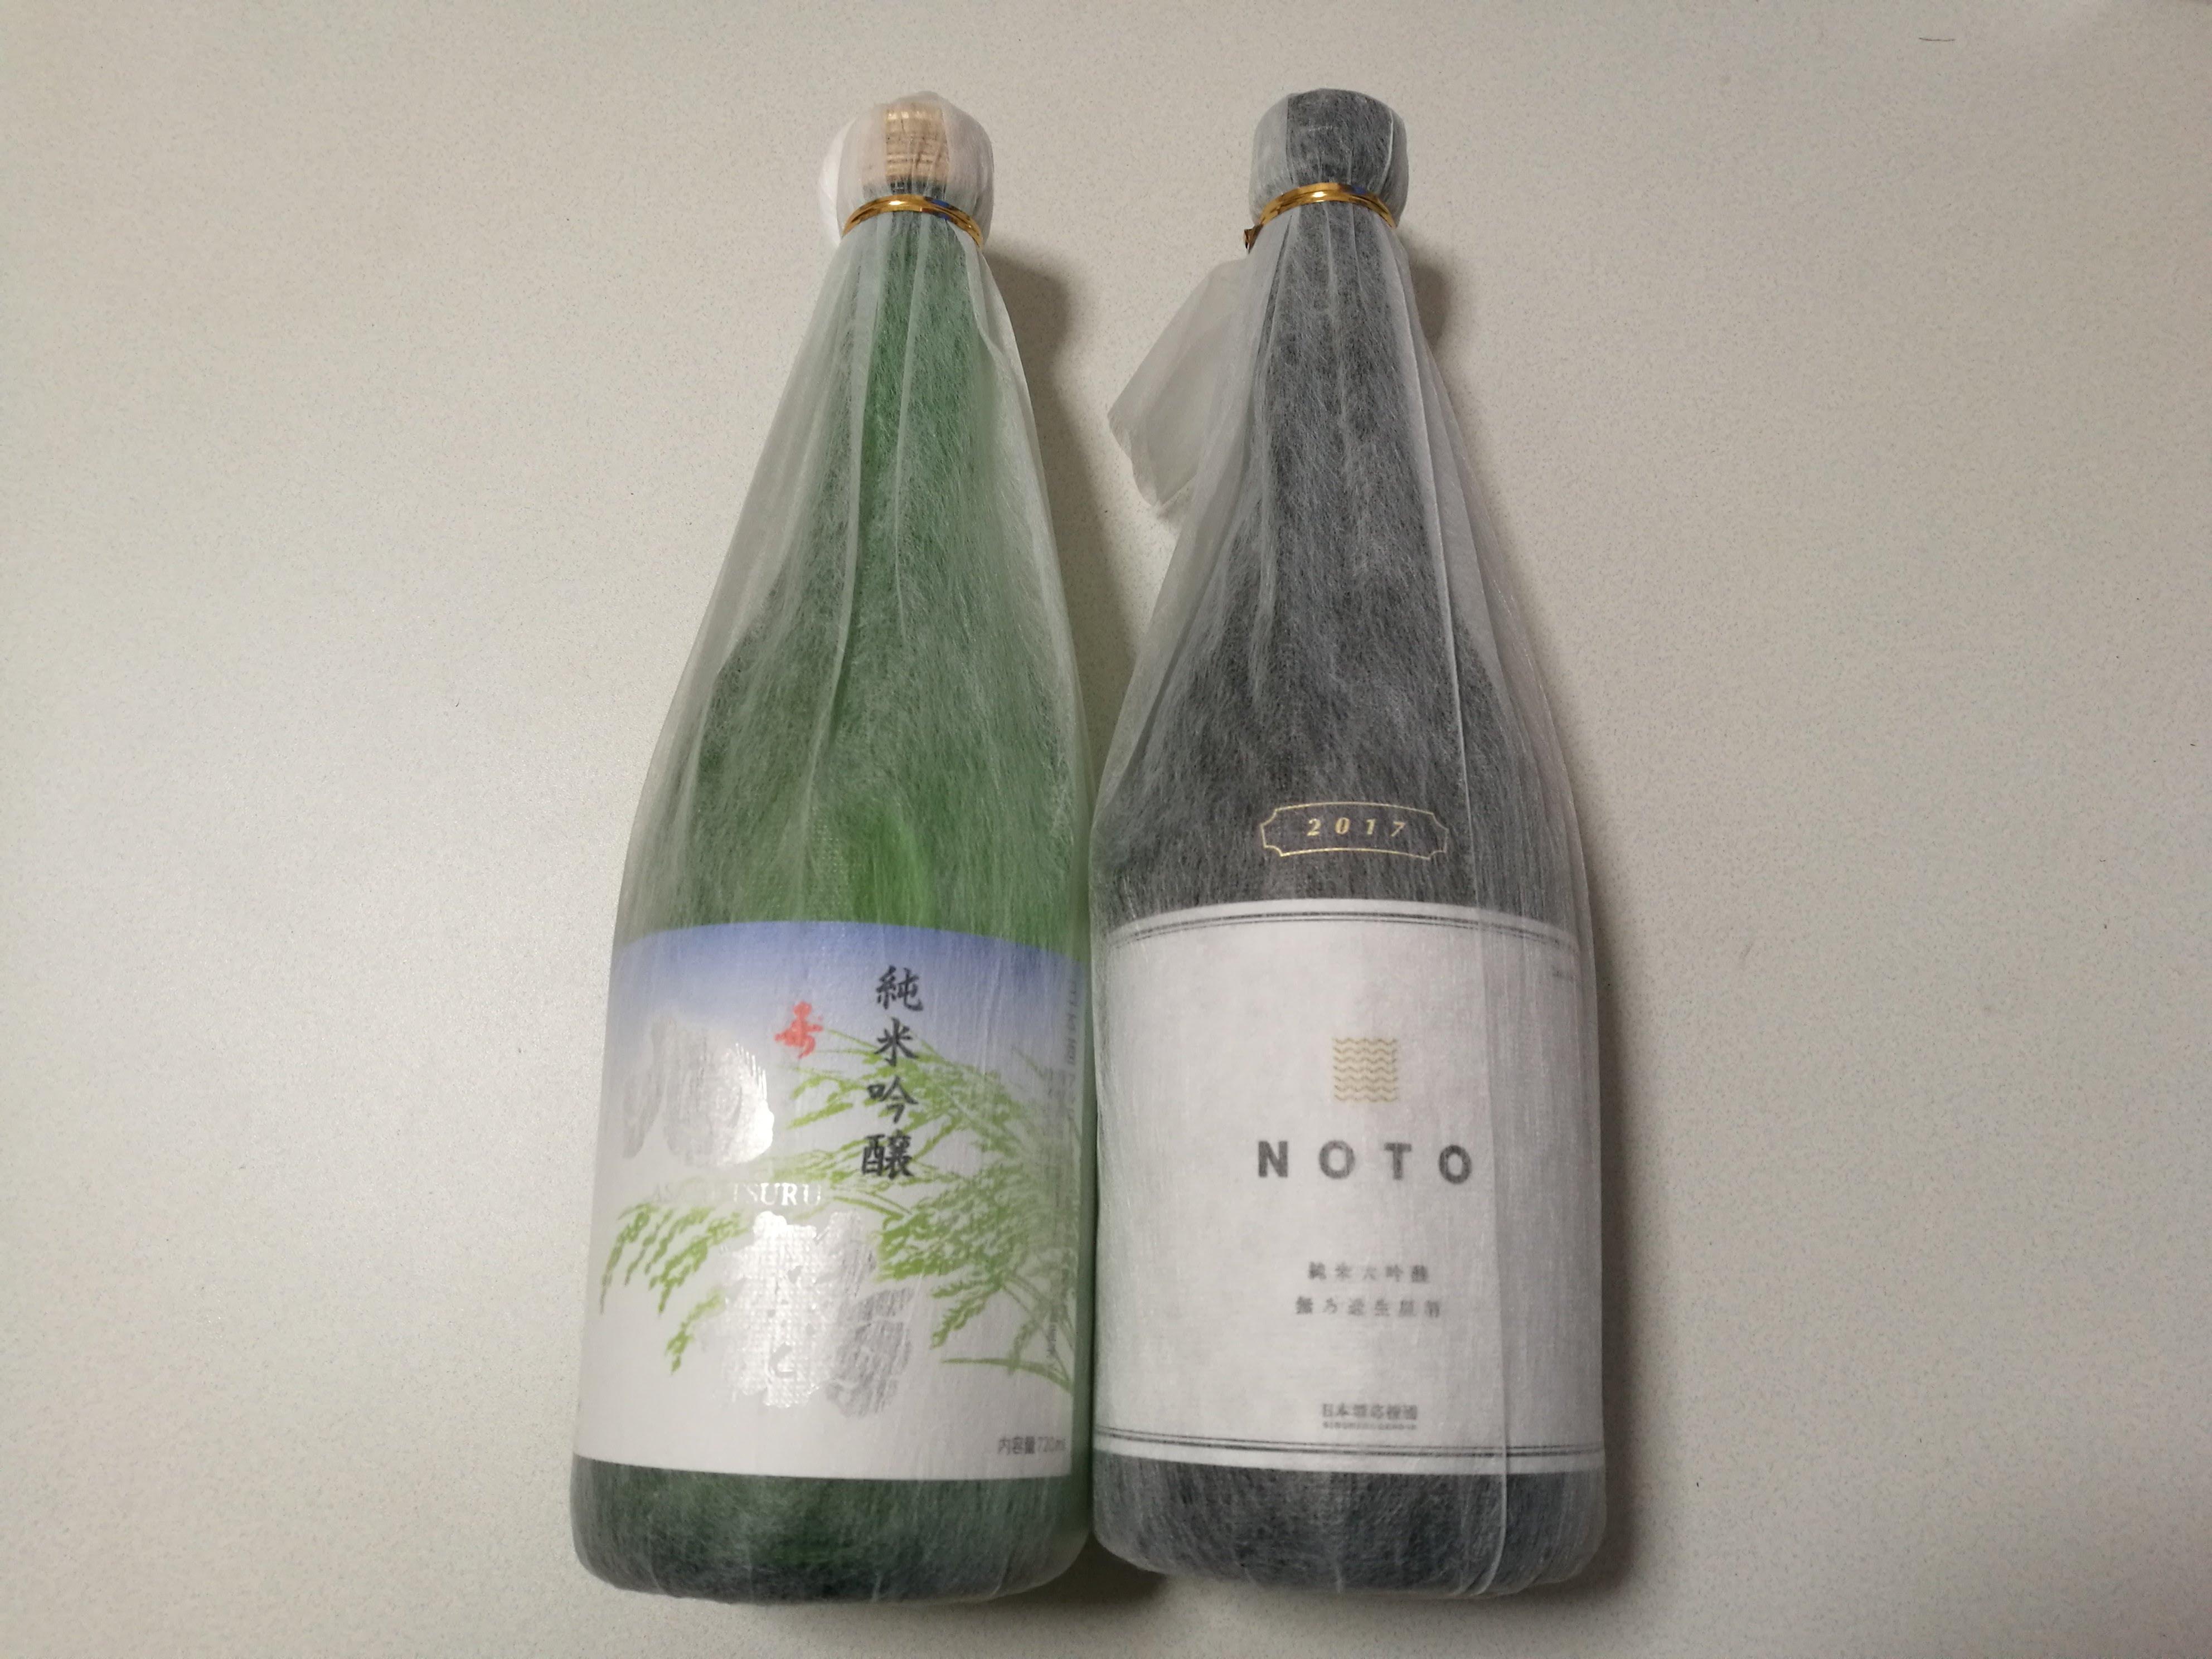 サケタク初回日本酒